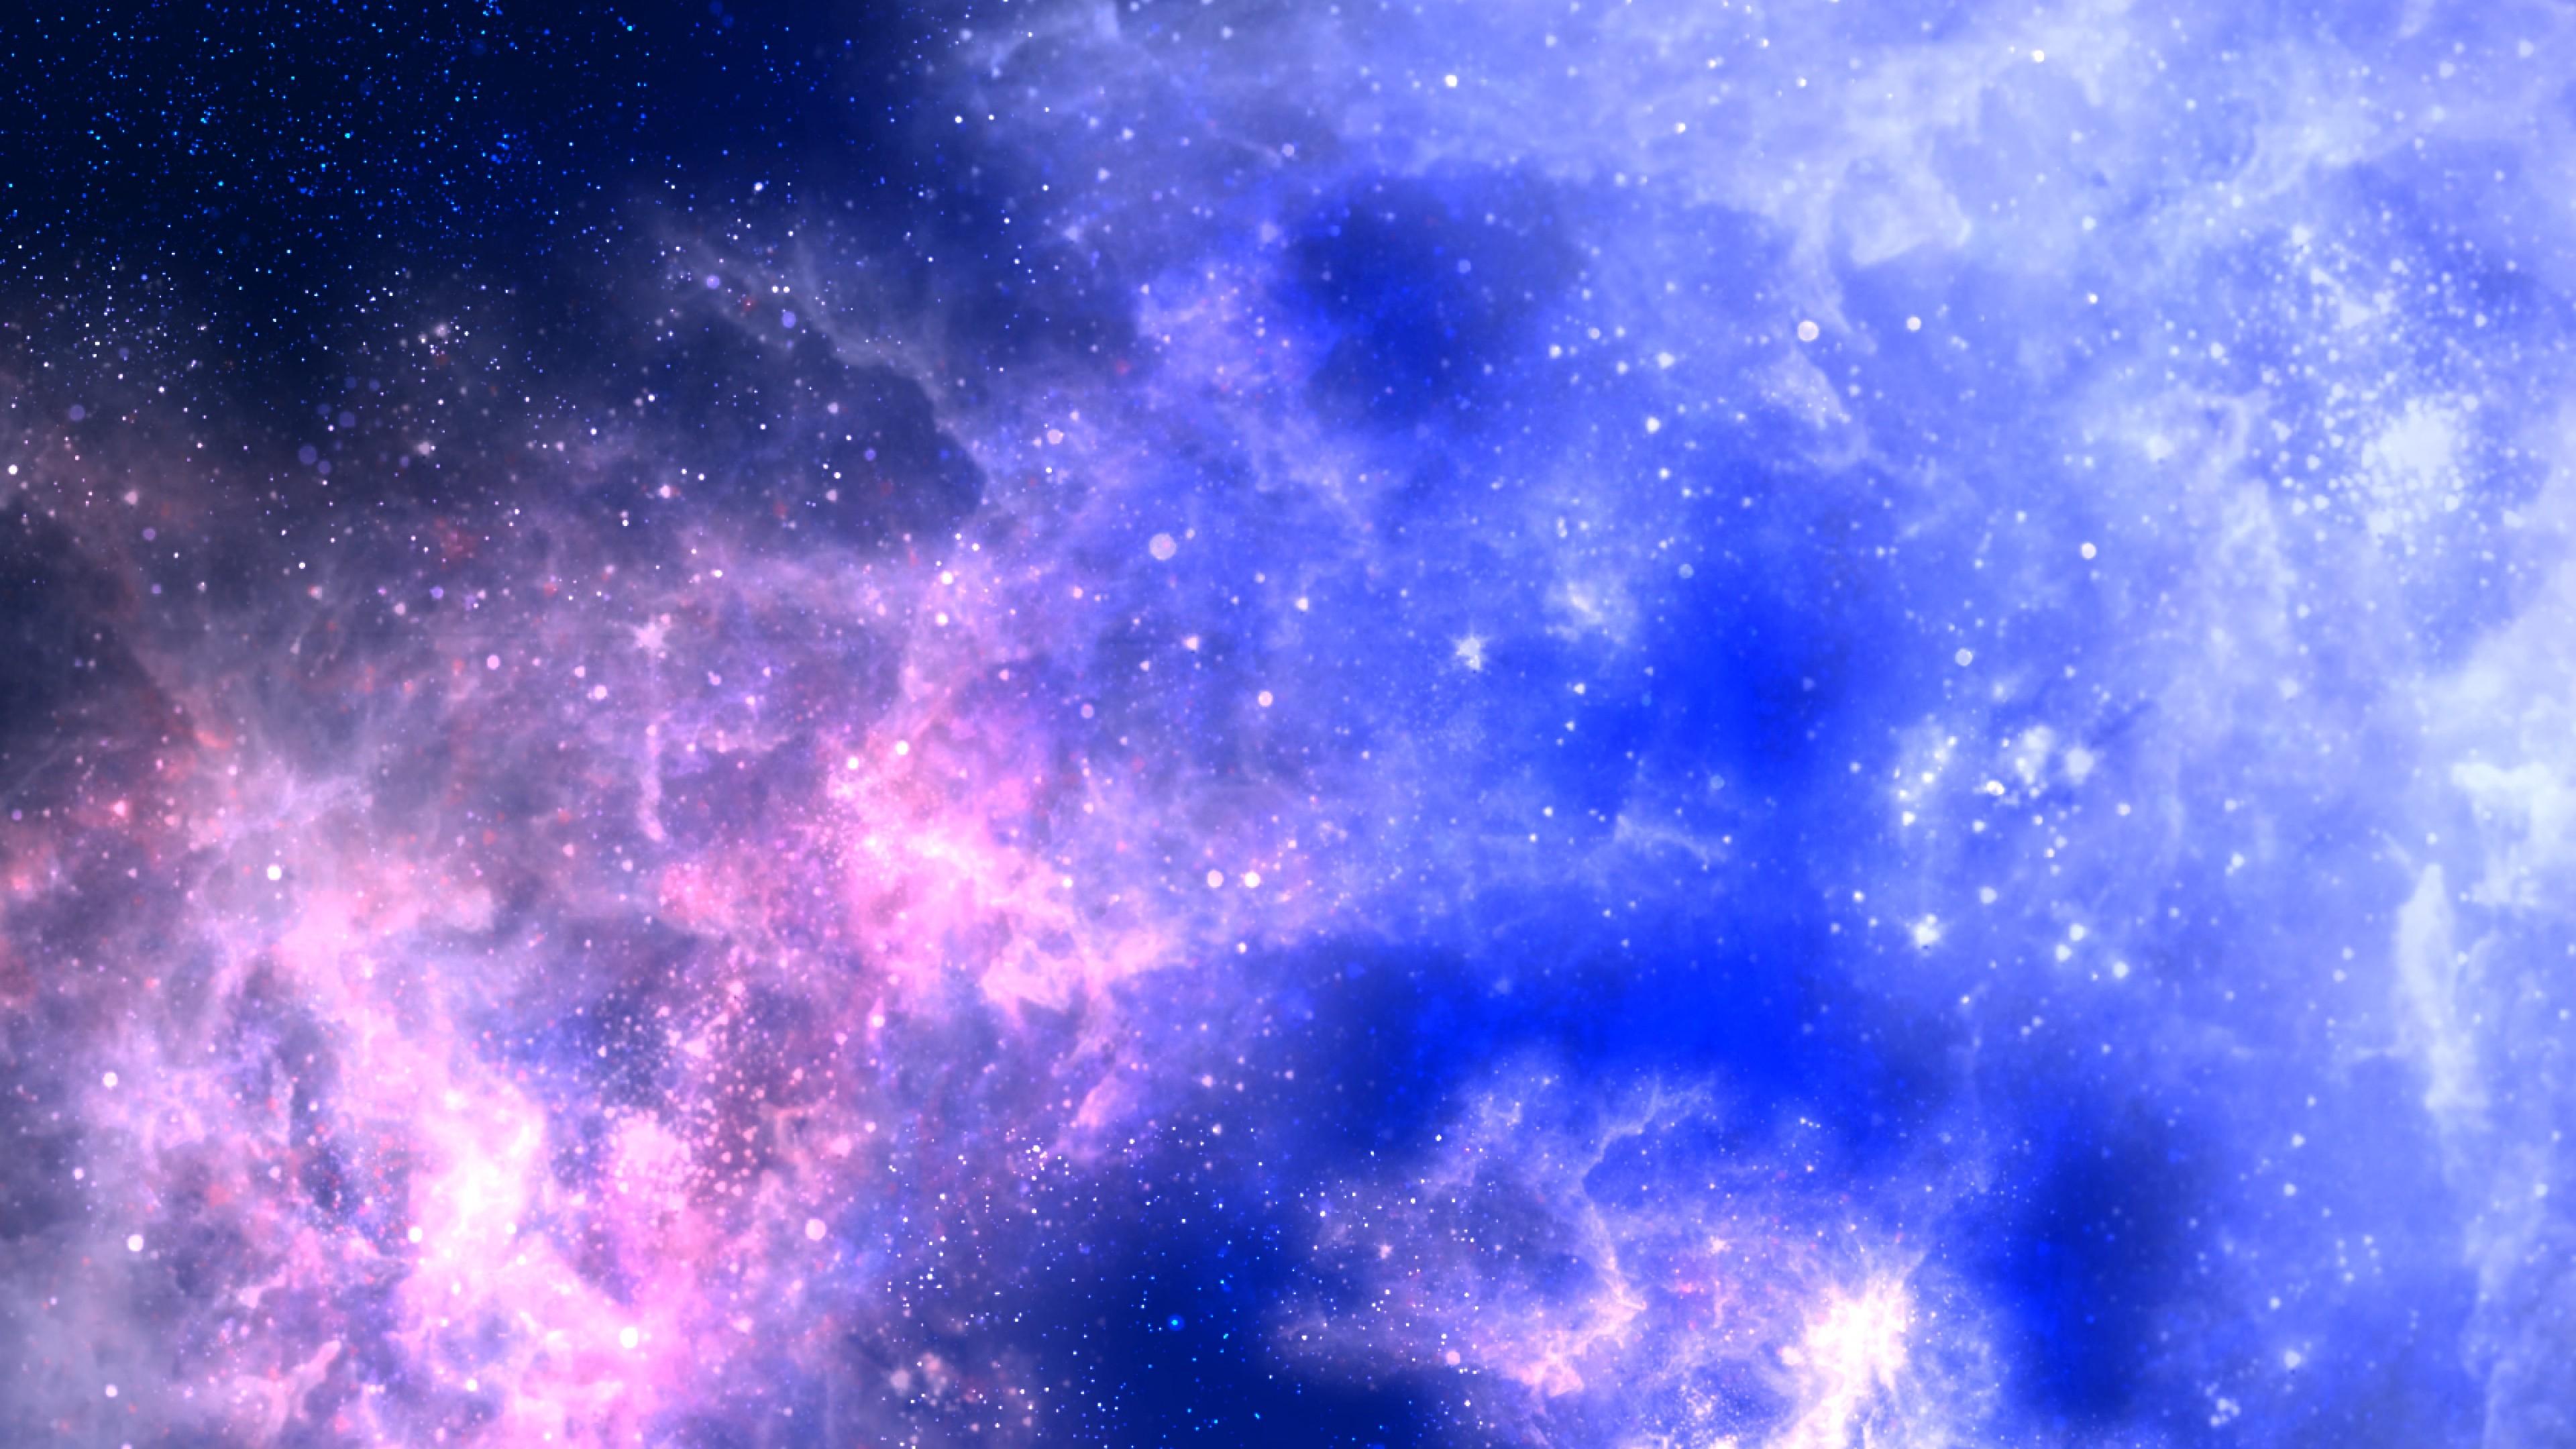 Wallpaper star, galaxy, glow, light